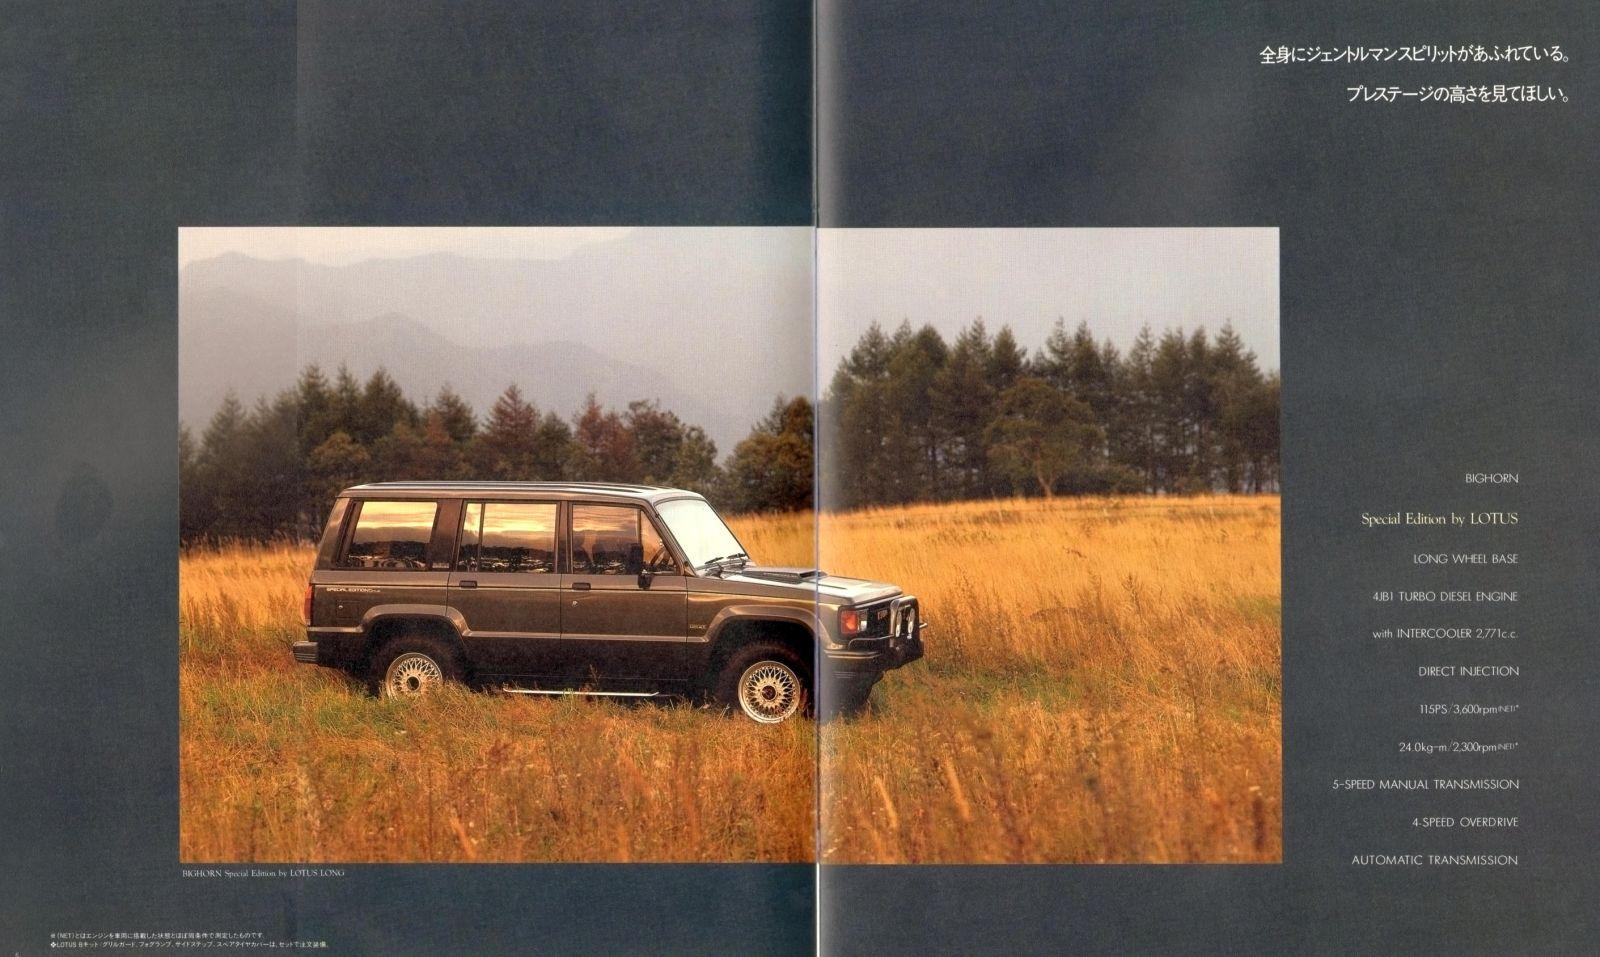 Isuzu Bighorn 1990 (JP) 004.jpg